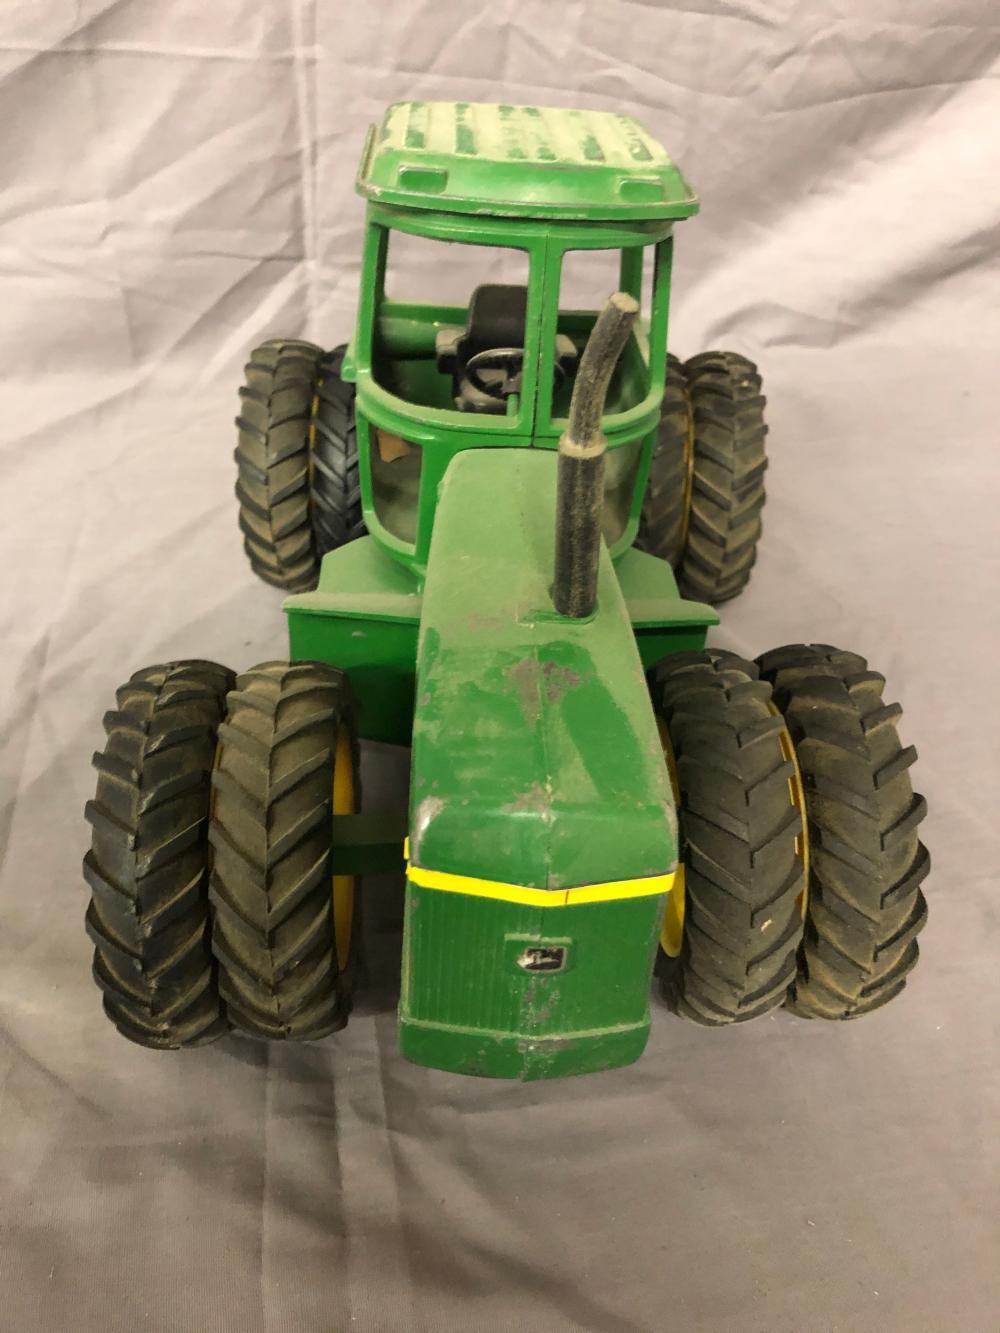 Lot 140: 1/16th Scale John Deere 4-Wheel Drive Tractor